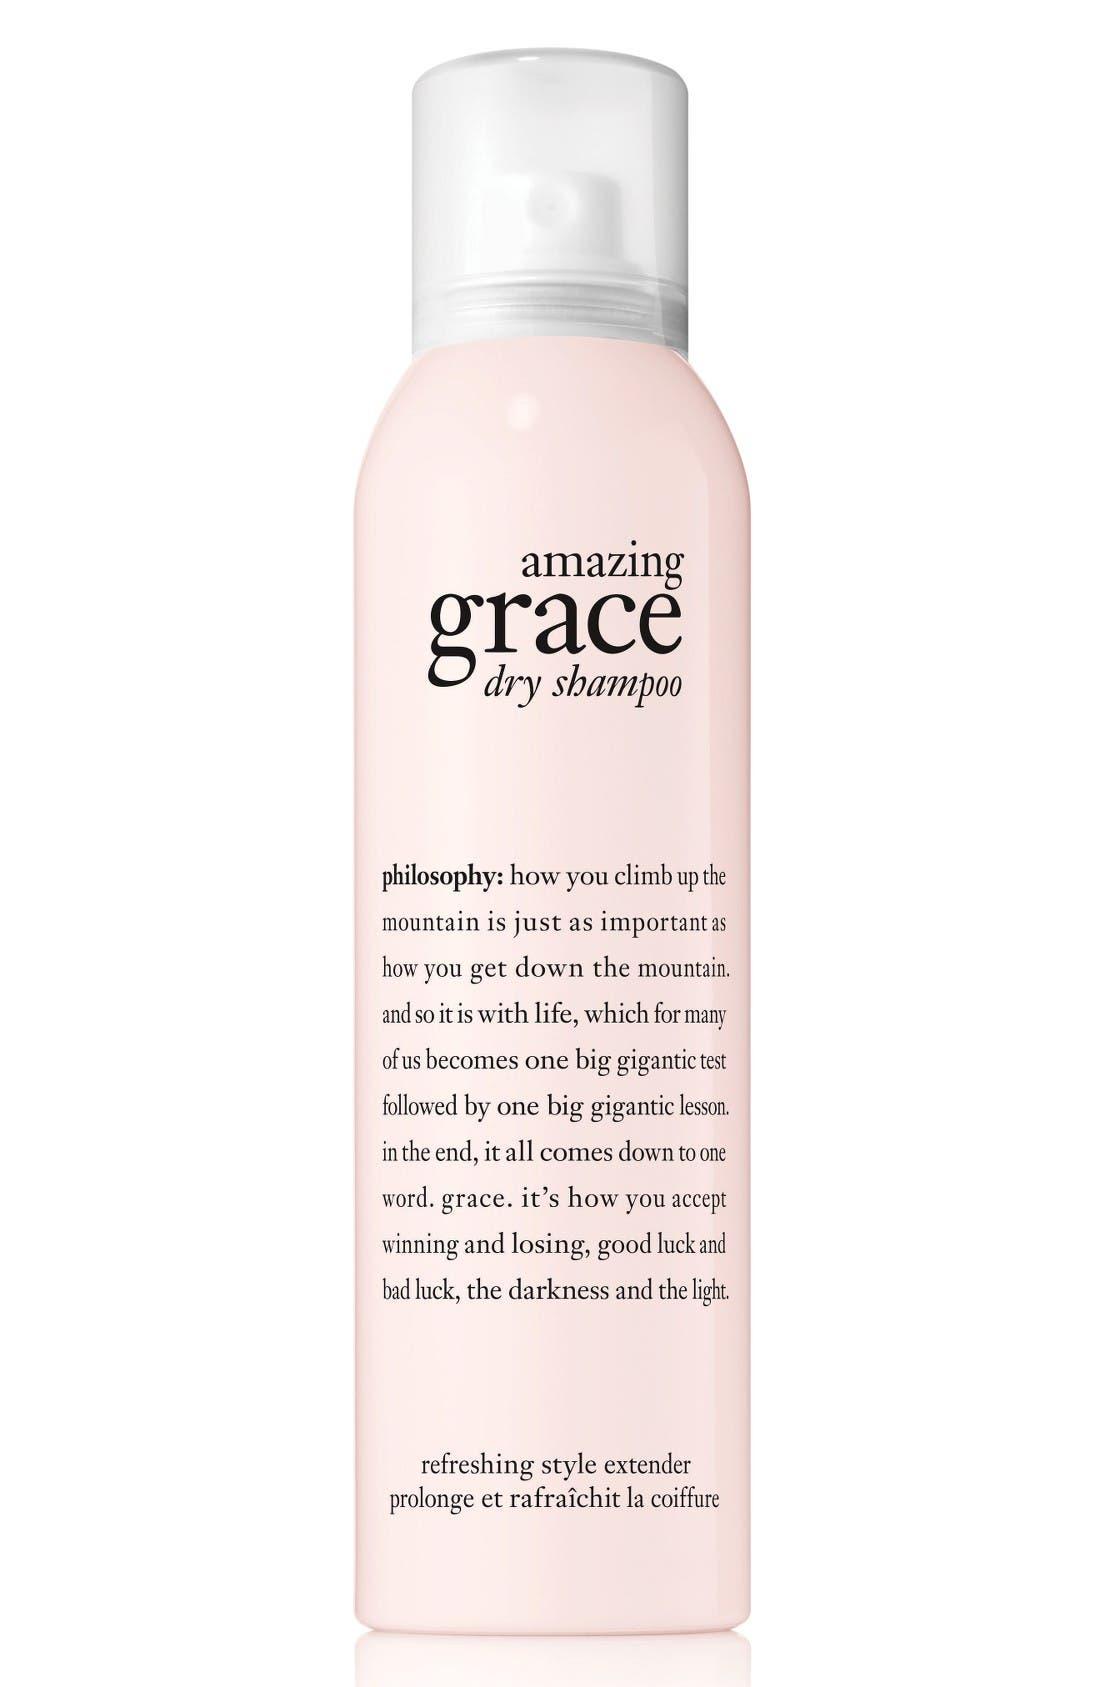 Alternate Image 1 Selected - philosophy amazing grace dry shampoo